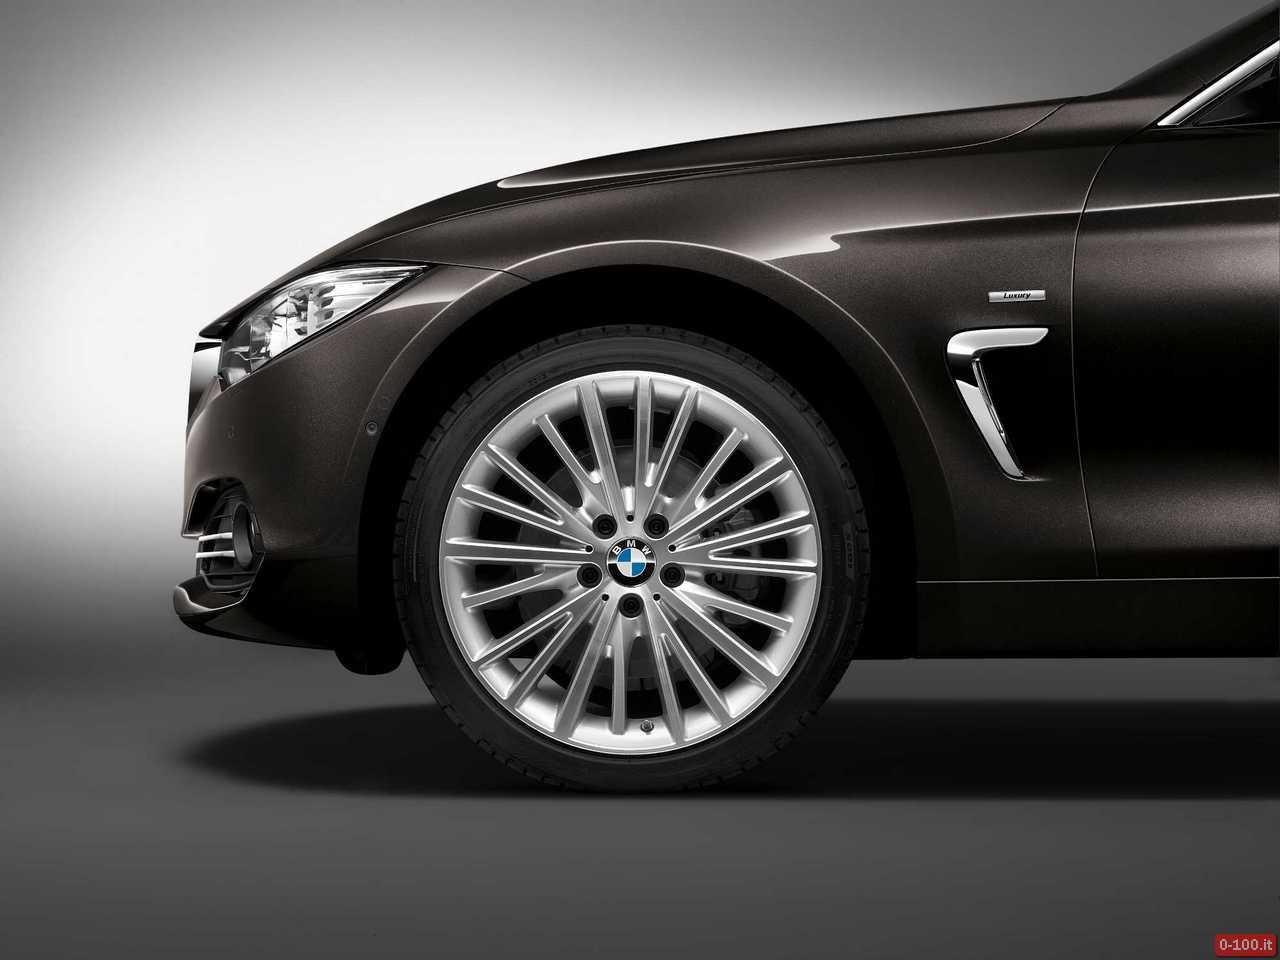 bmw-serie-4-gran-coupe-prezzo-price-ginevra-geneve-2014-0-100_70